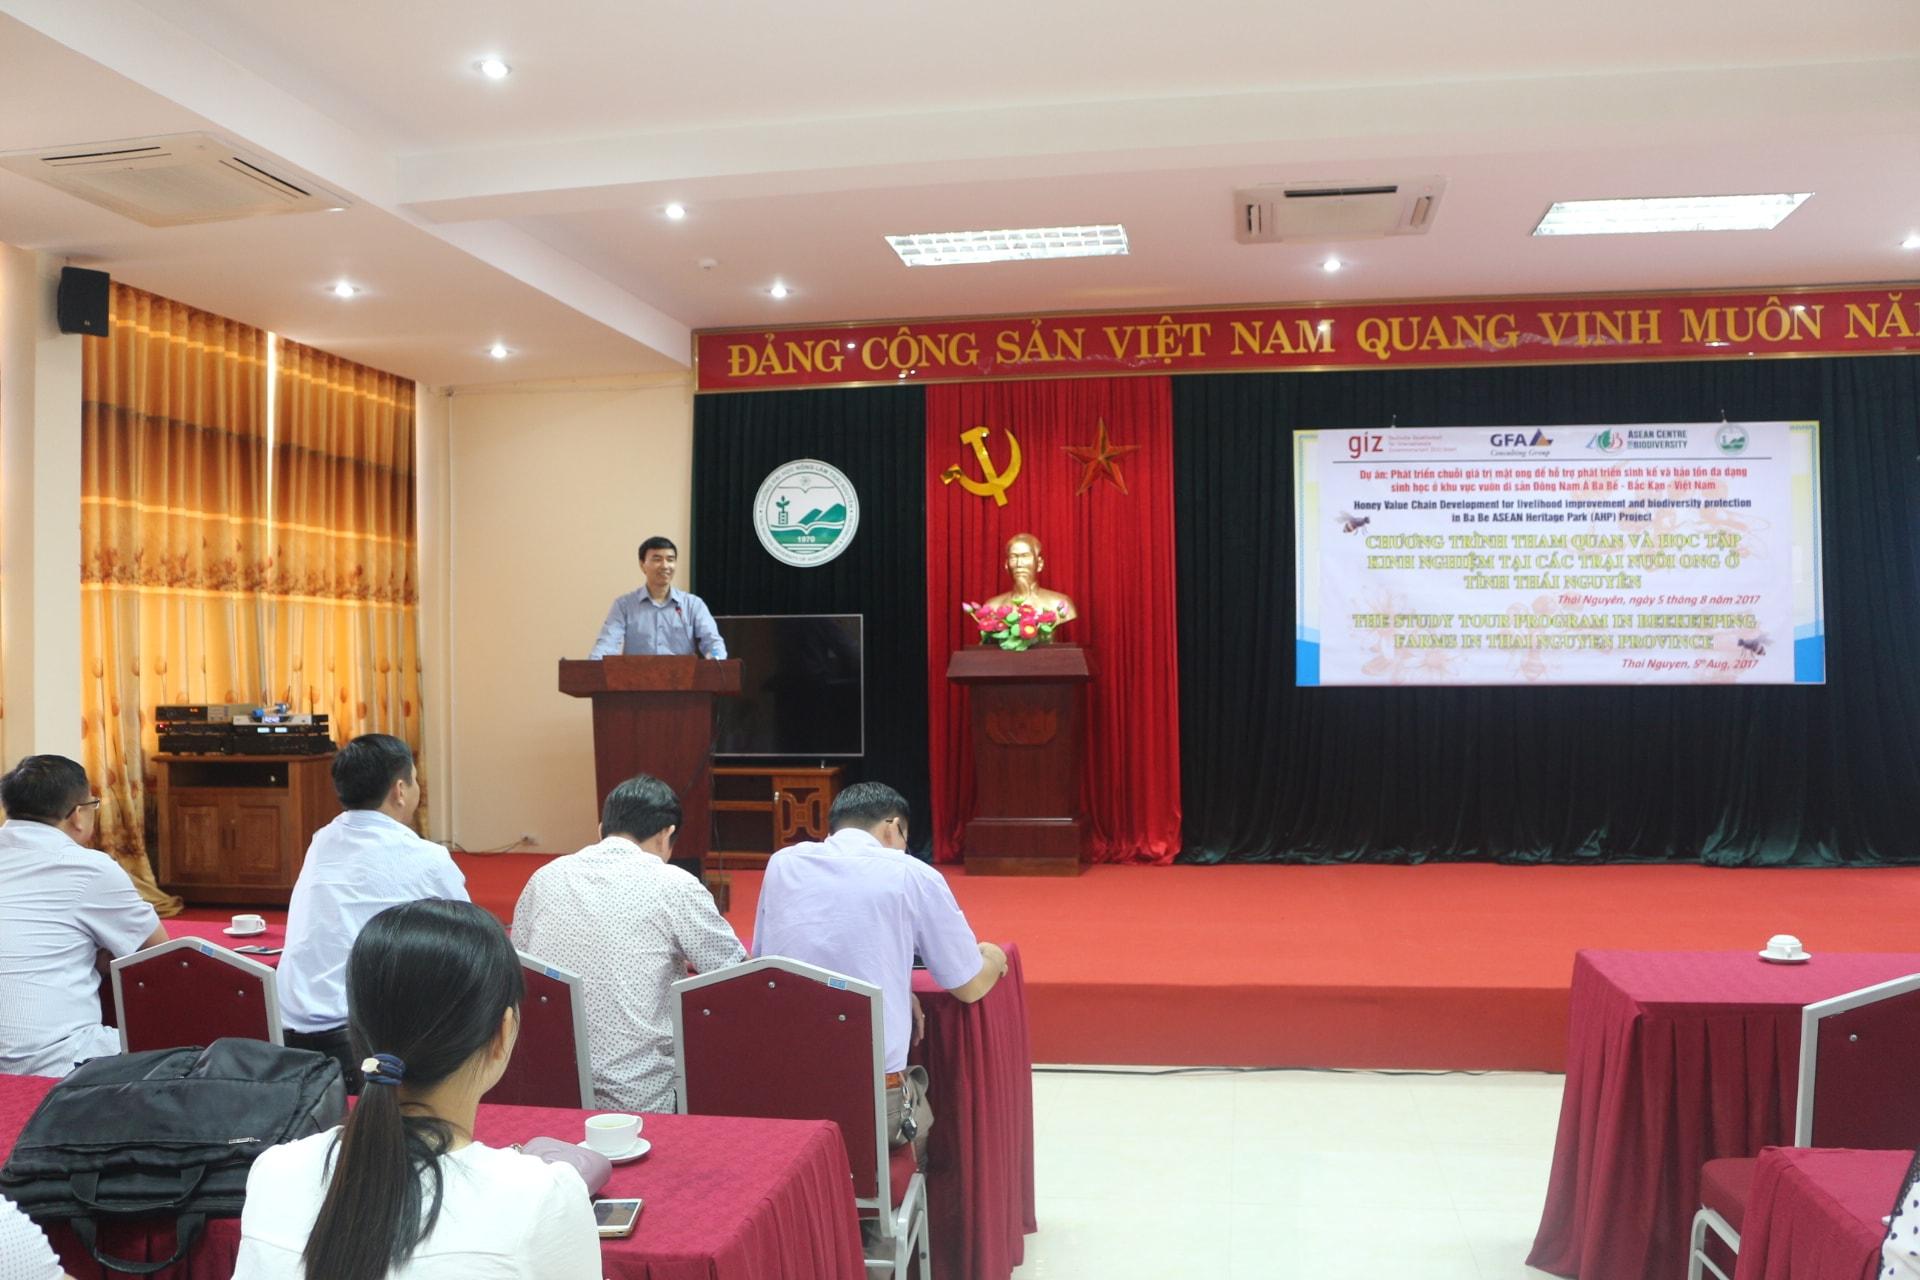 PGS.TS Nguyễn Thế Hùng - Phó hiệu trưởng Trường ĐH Nông lâm, phát biểu trước hội thảo